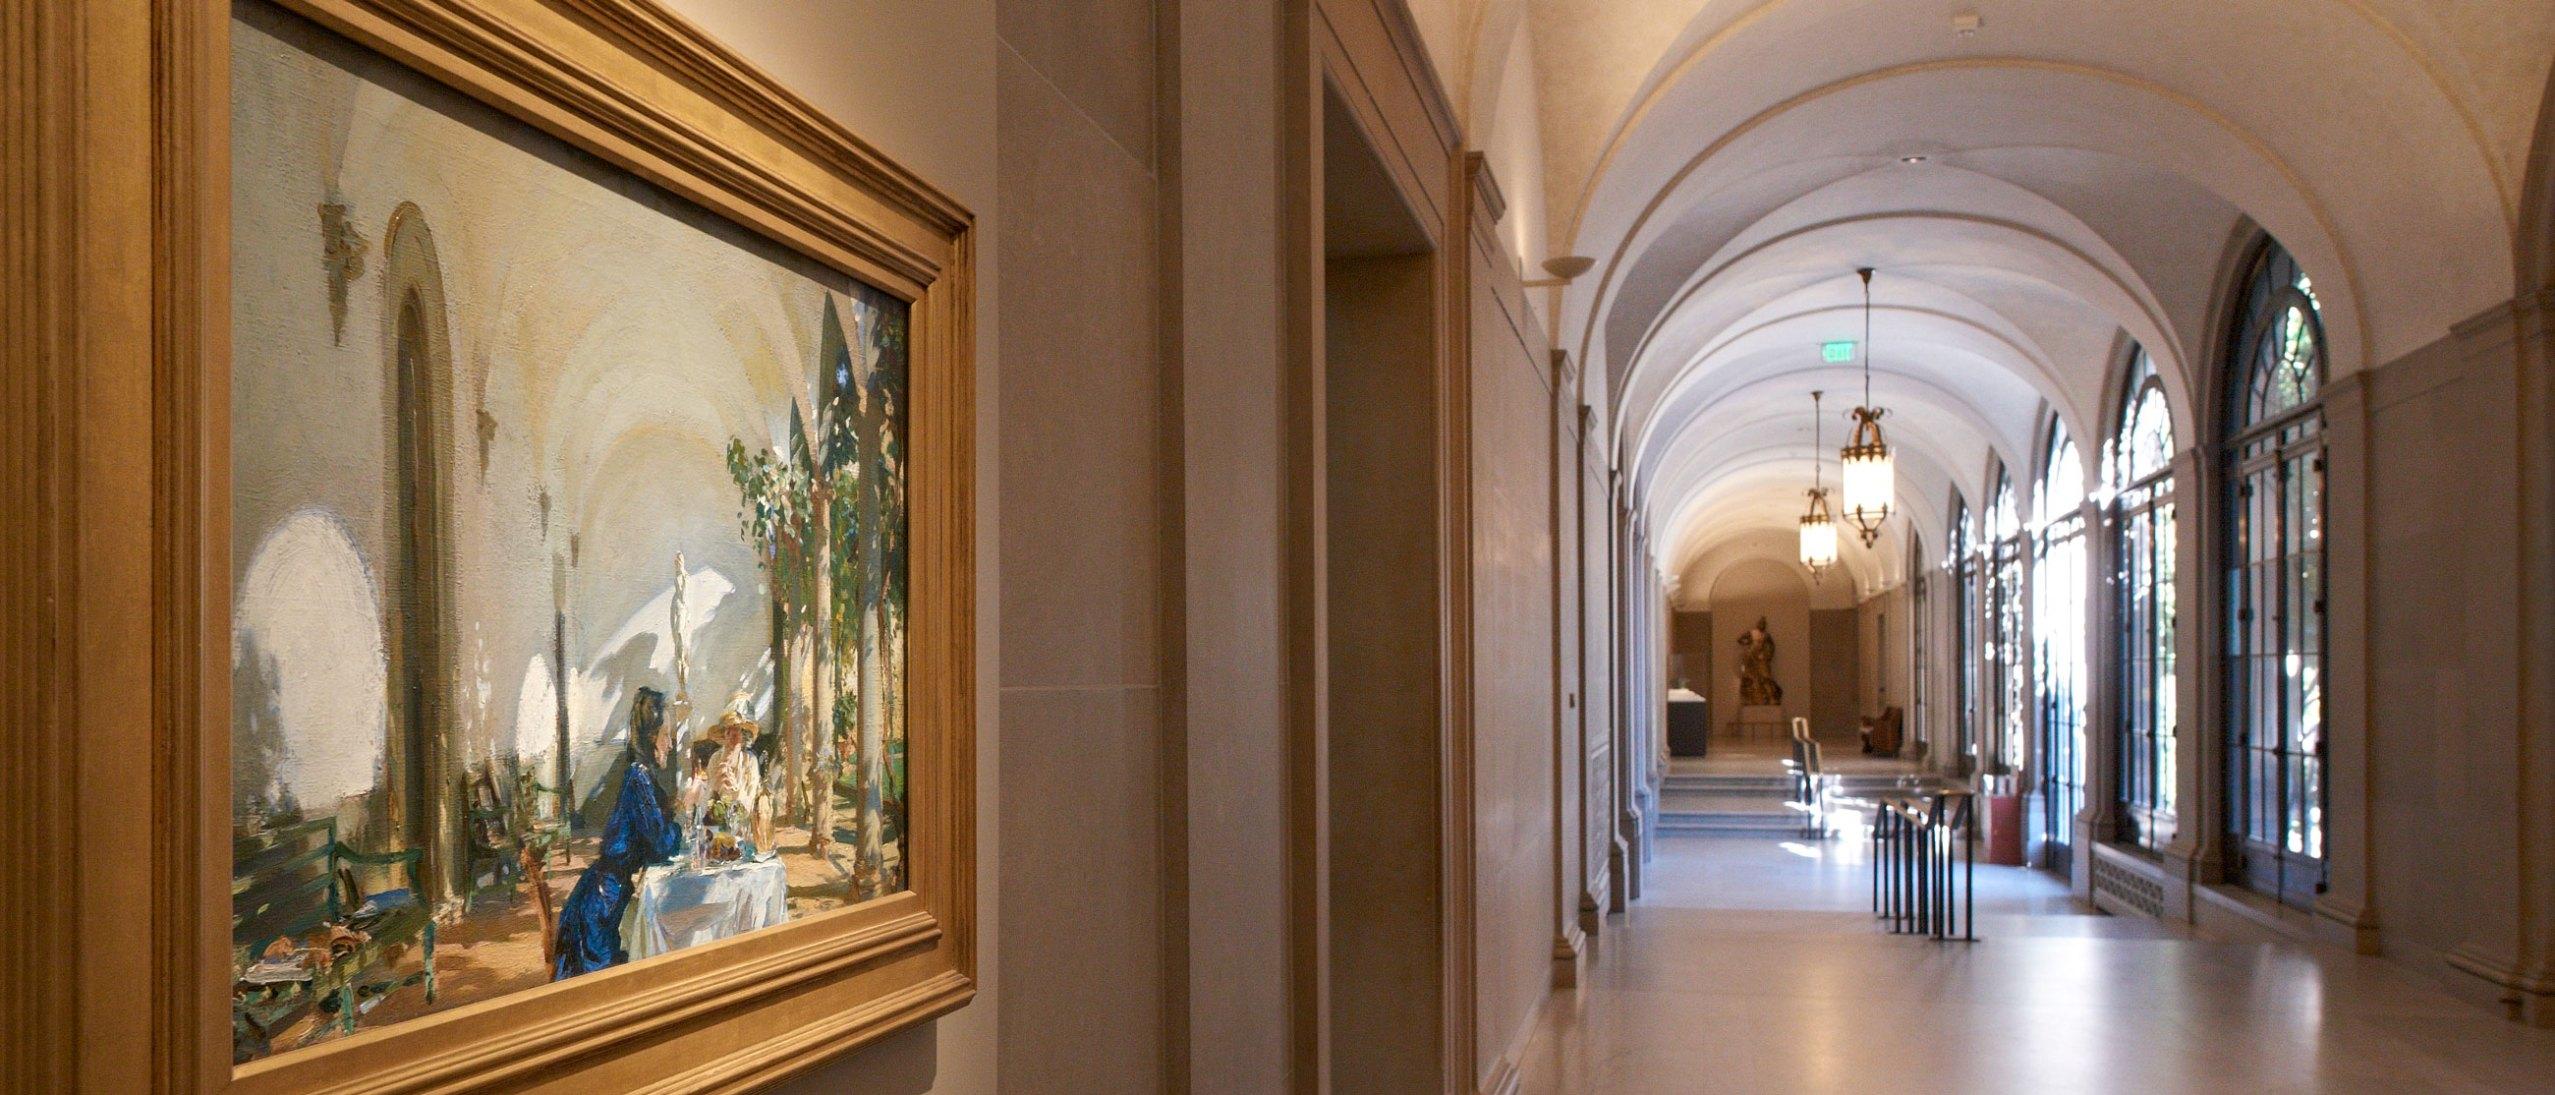 프리어 미술관(Freer Gallery of Art)